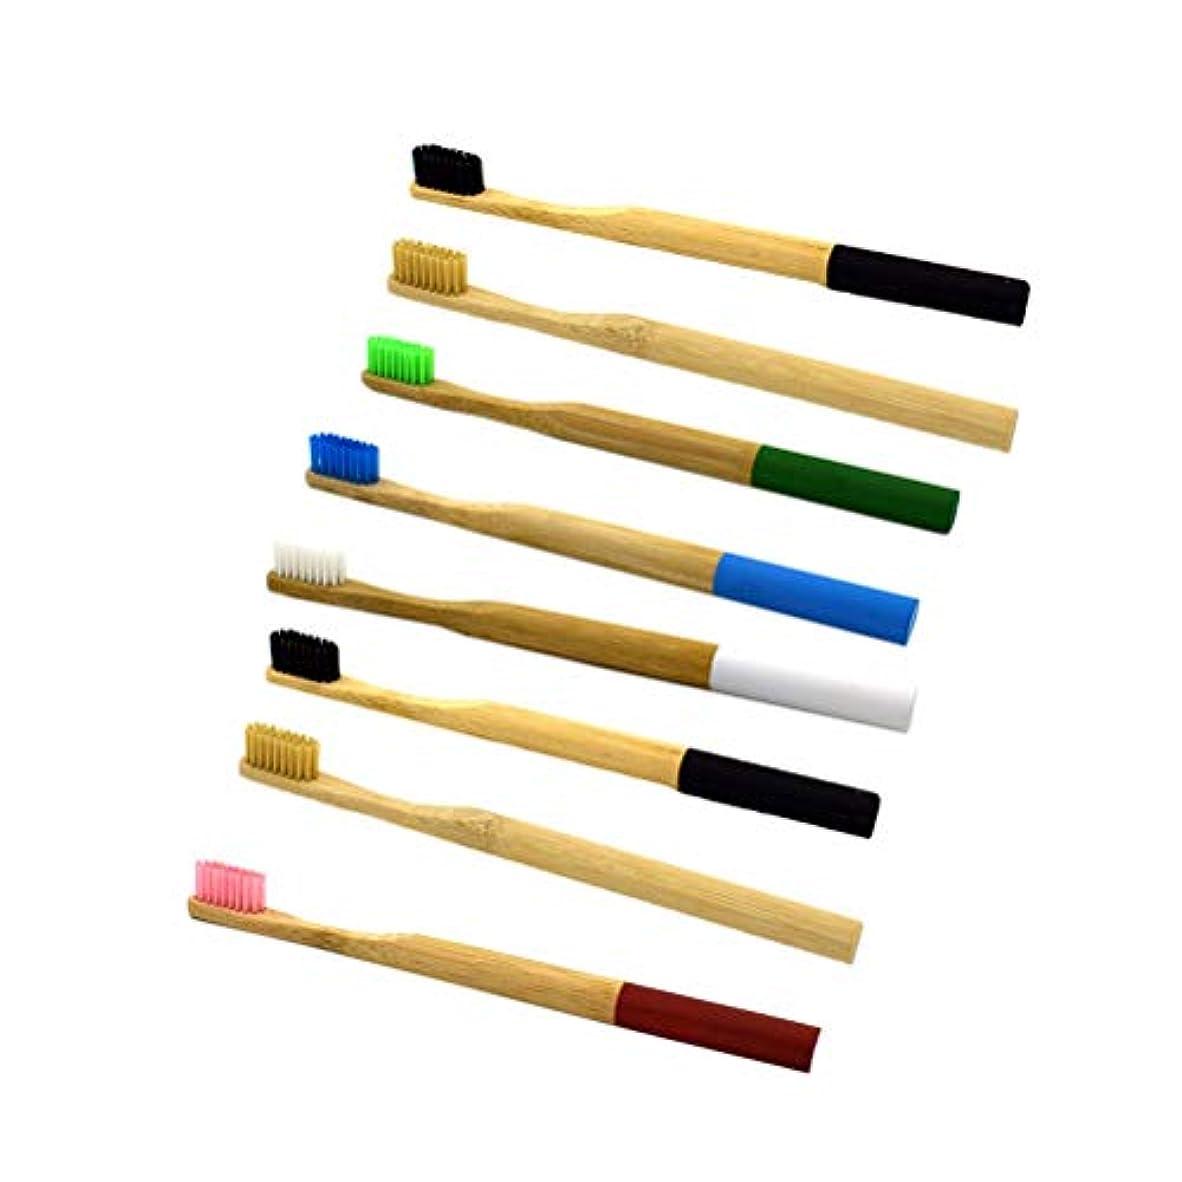 持ってる系統的一Healifty 柔らかい環境に優しい歯ブラシ8本の天然竹製の歯ブラシ柔らかいエコフレンドリーなラウンドハンドルの歯ブラシと柔らかいナイロン剛毛(混合色)